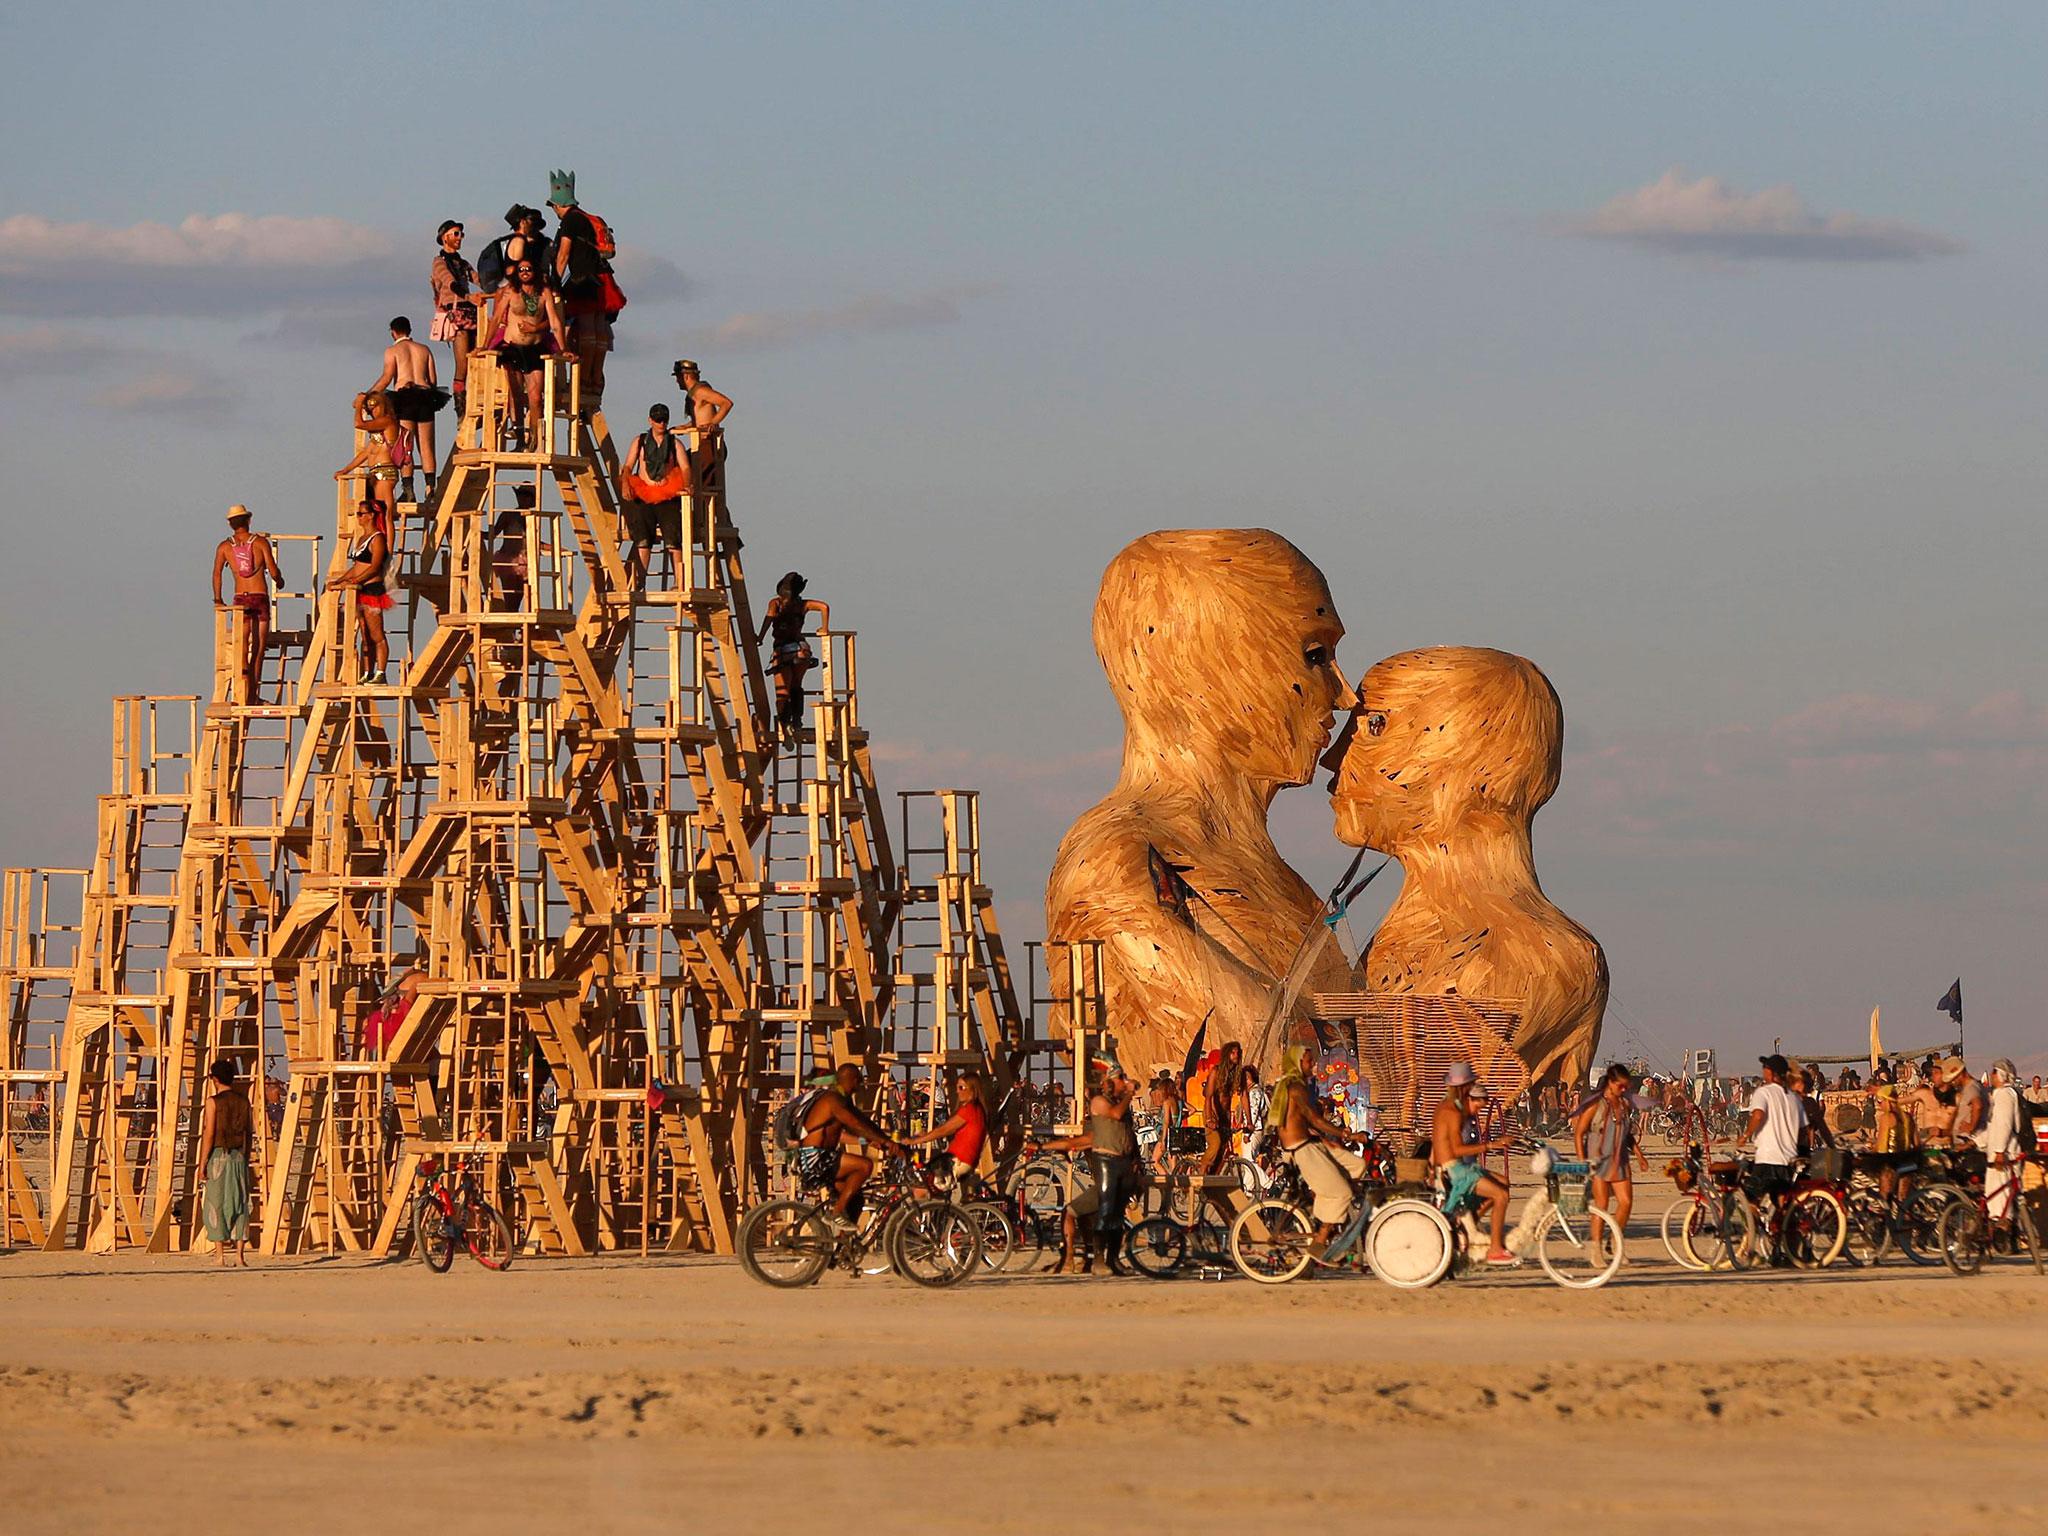 Burning Man Festivali,Corona Virüs nedeniyle bu yıl da iptal edildi